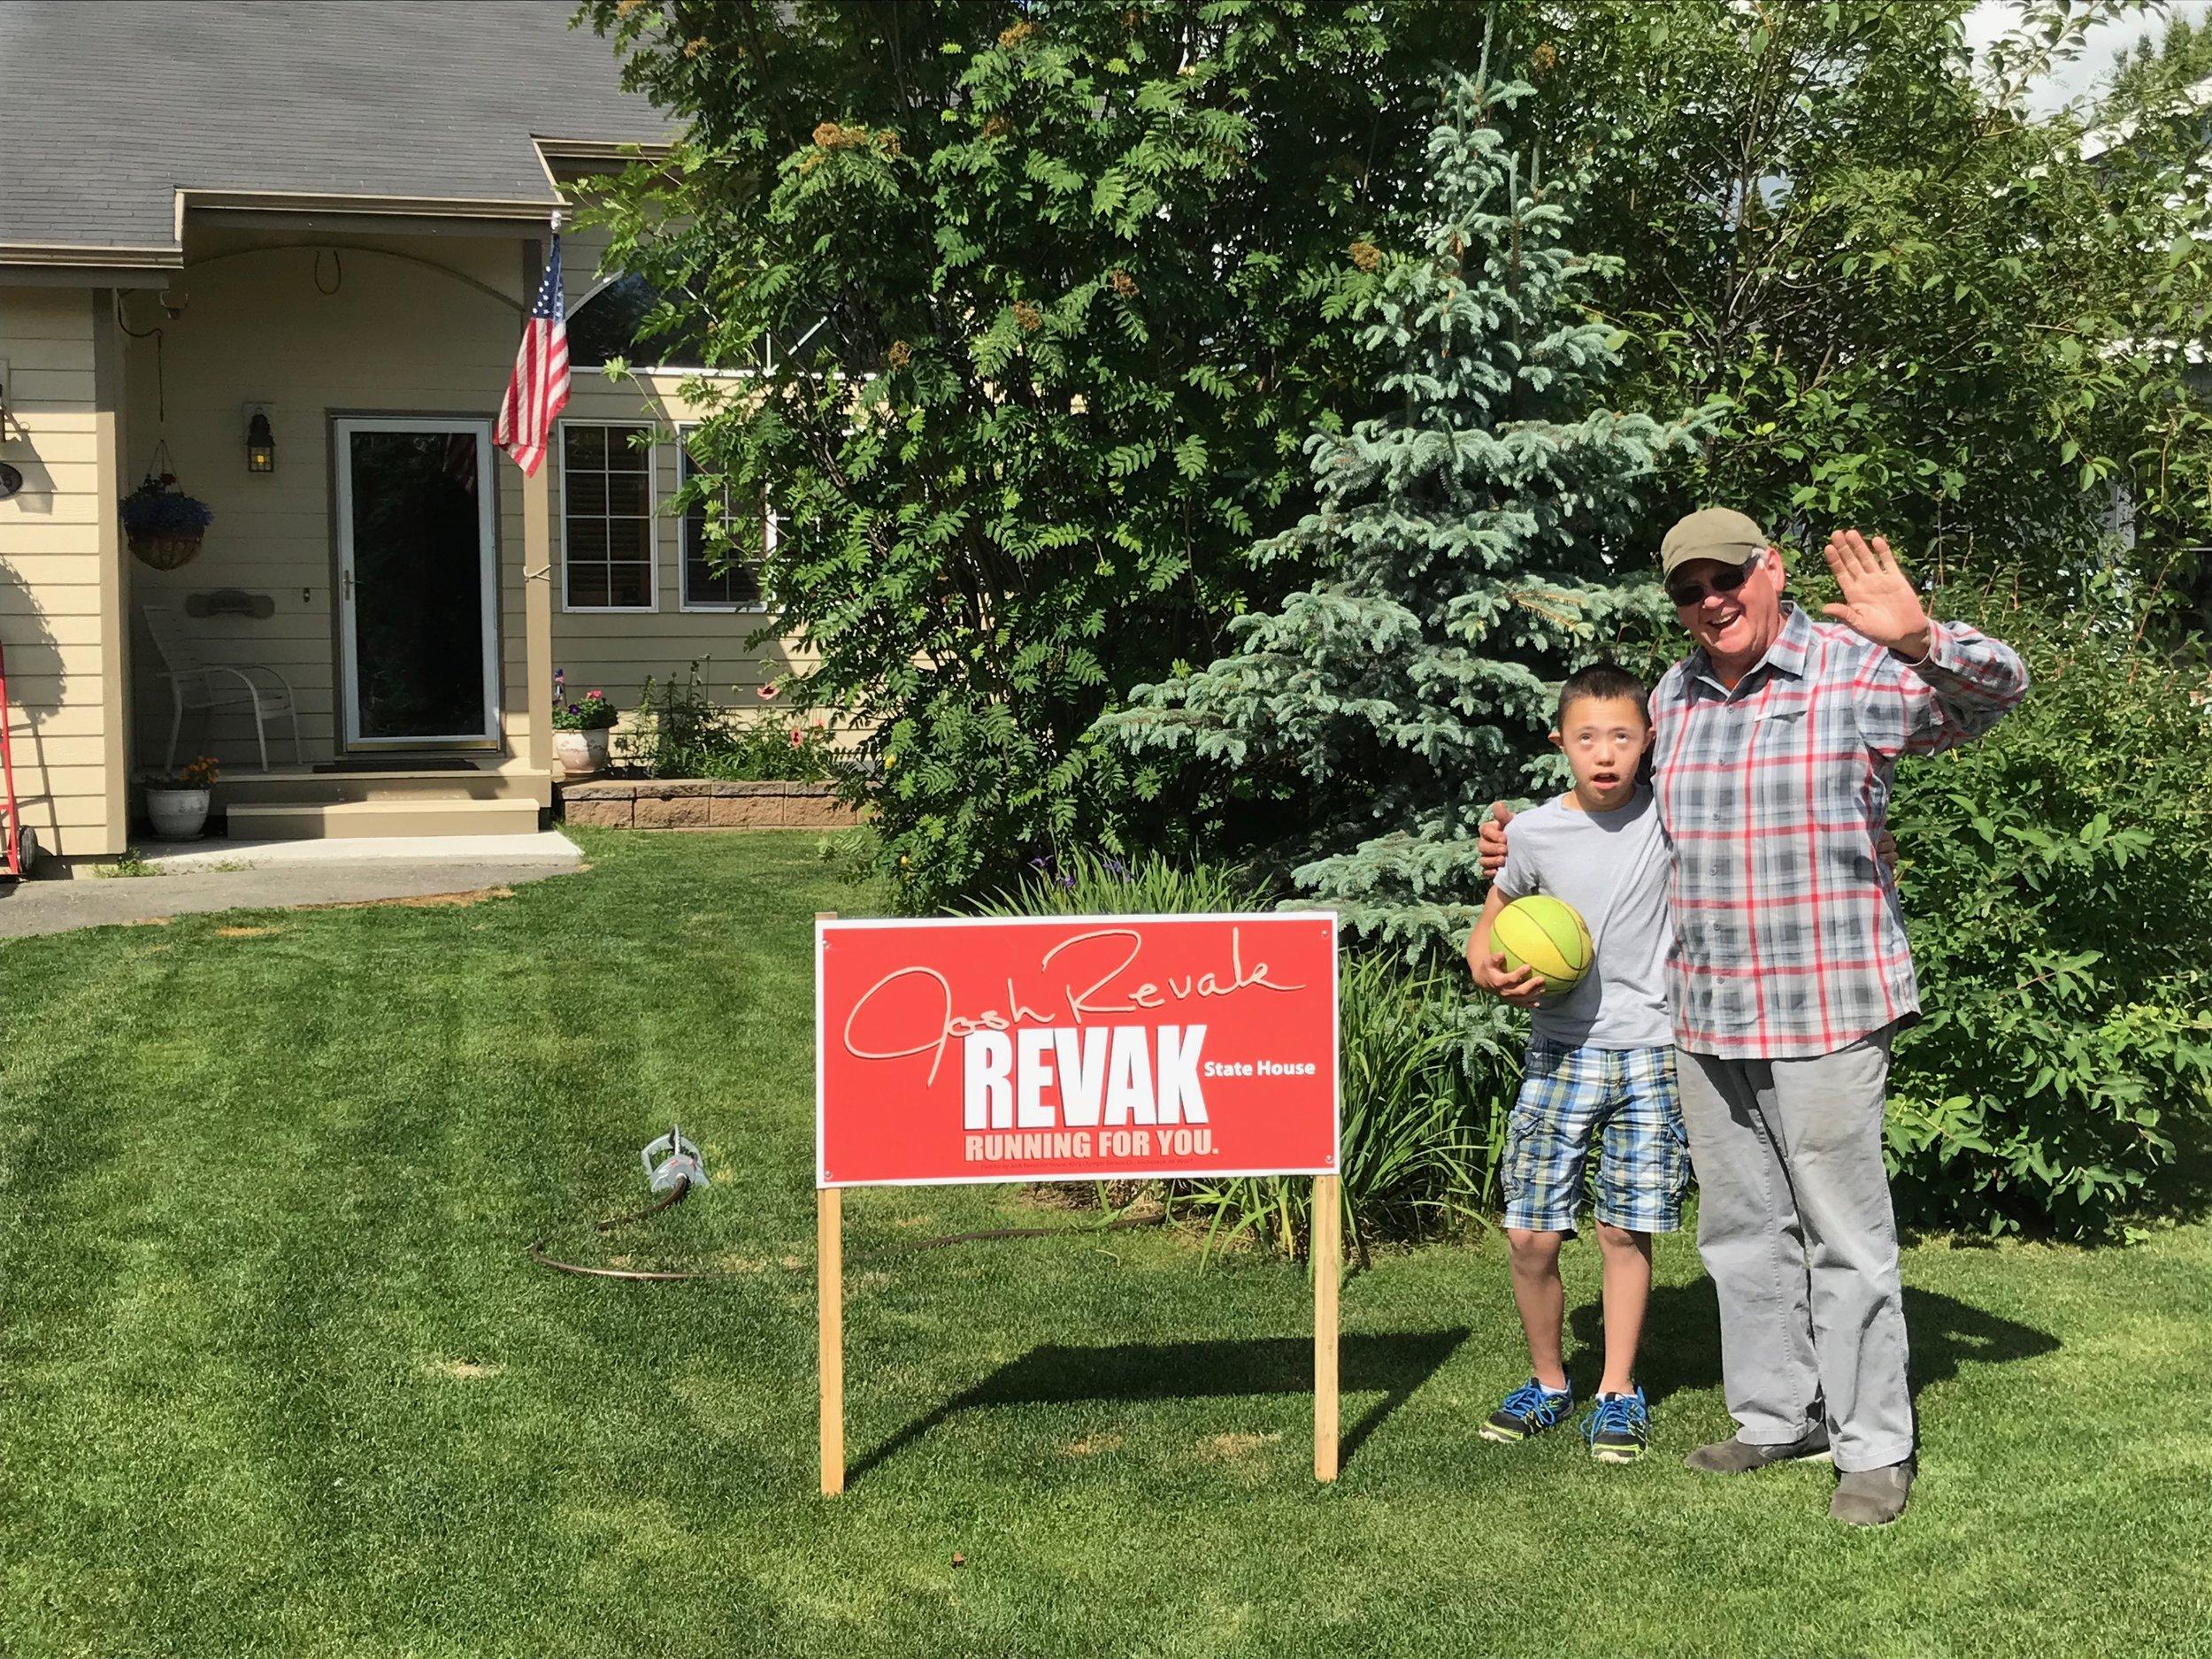 Revak for House Signs June 2018 (3).JPG